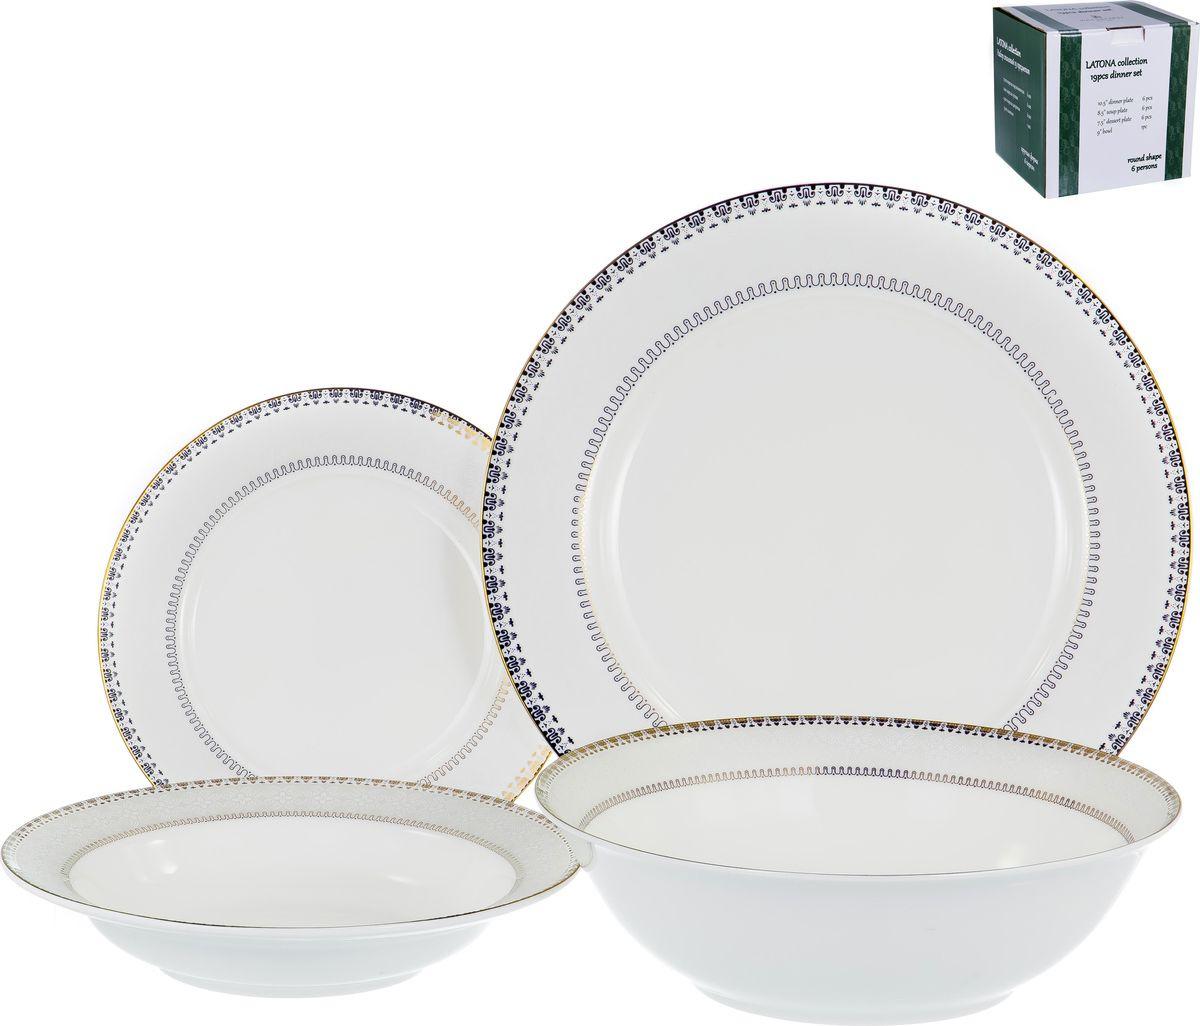 """Набор столовой посуды Balsford Латона """"Восточная сказка"""", 104-03028, 19 предметов"""